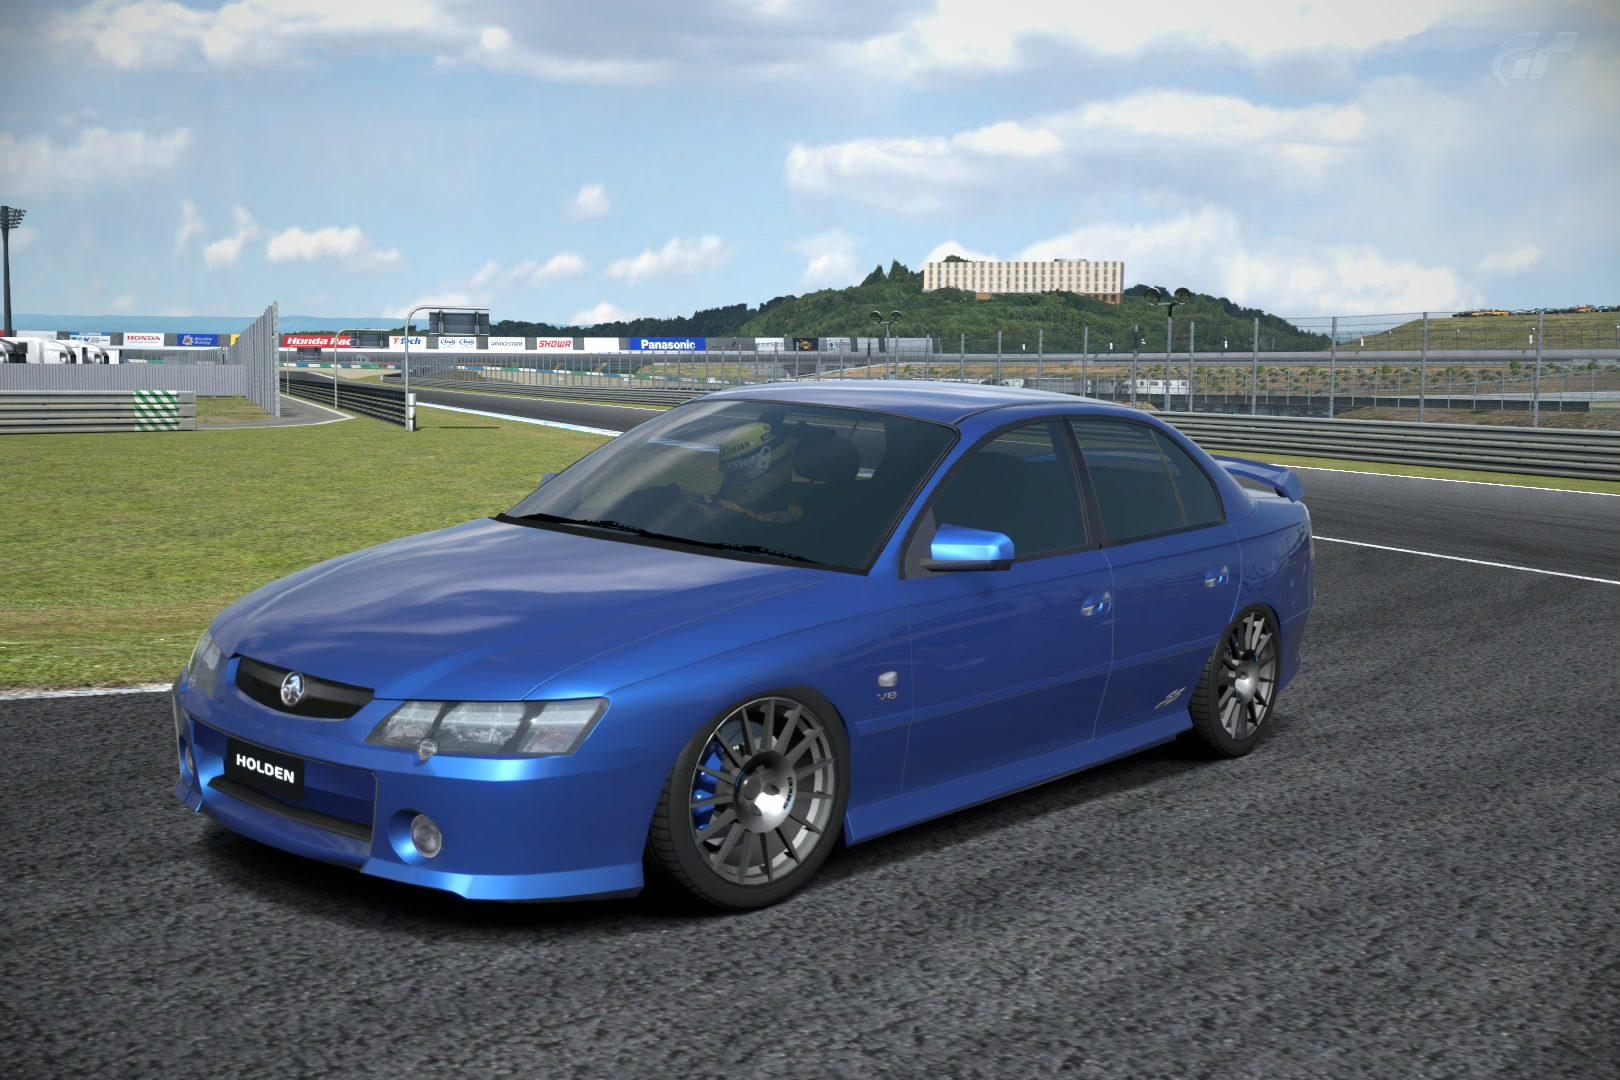 HoldenSSImg5.jpg